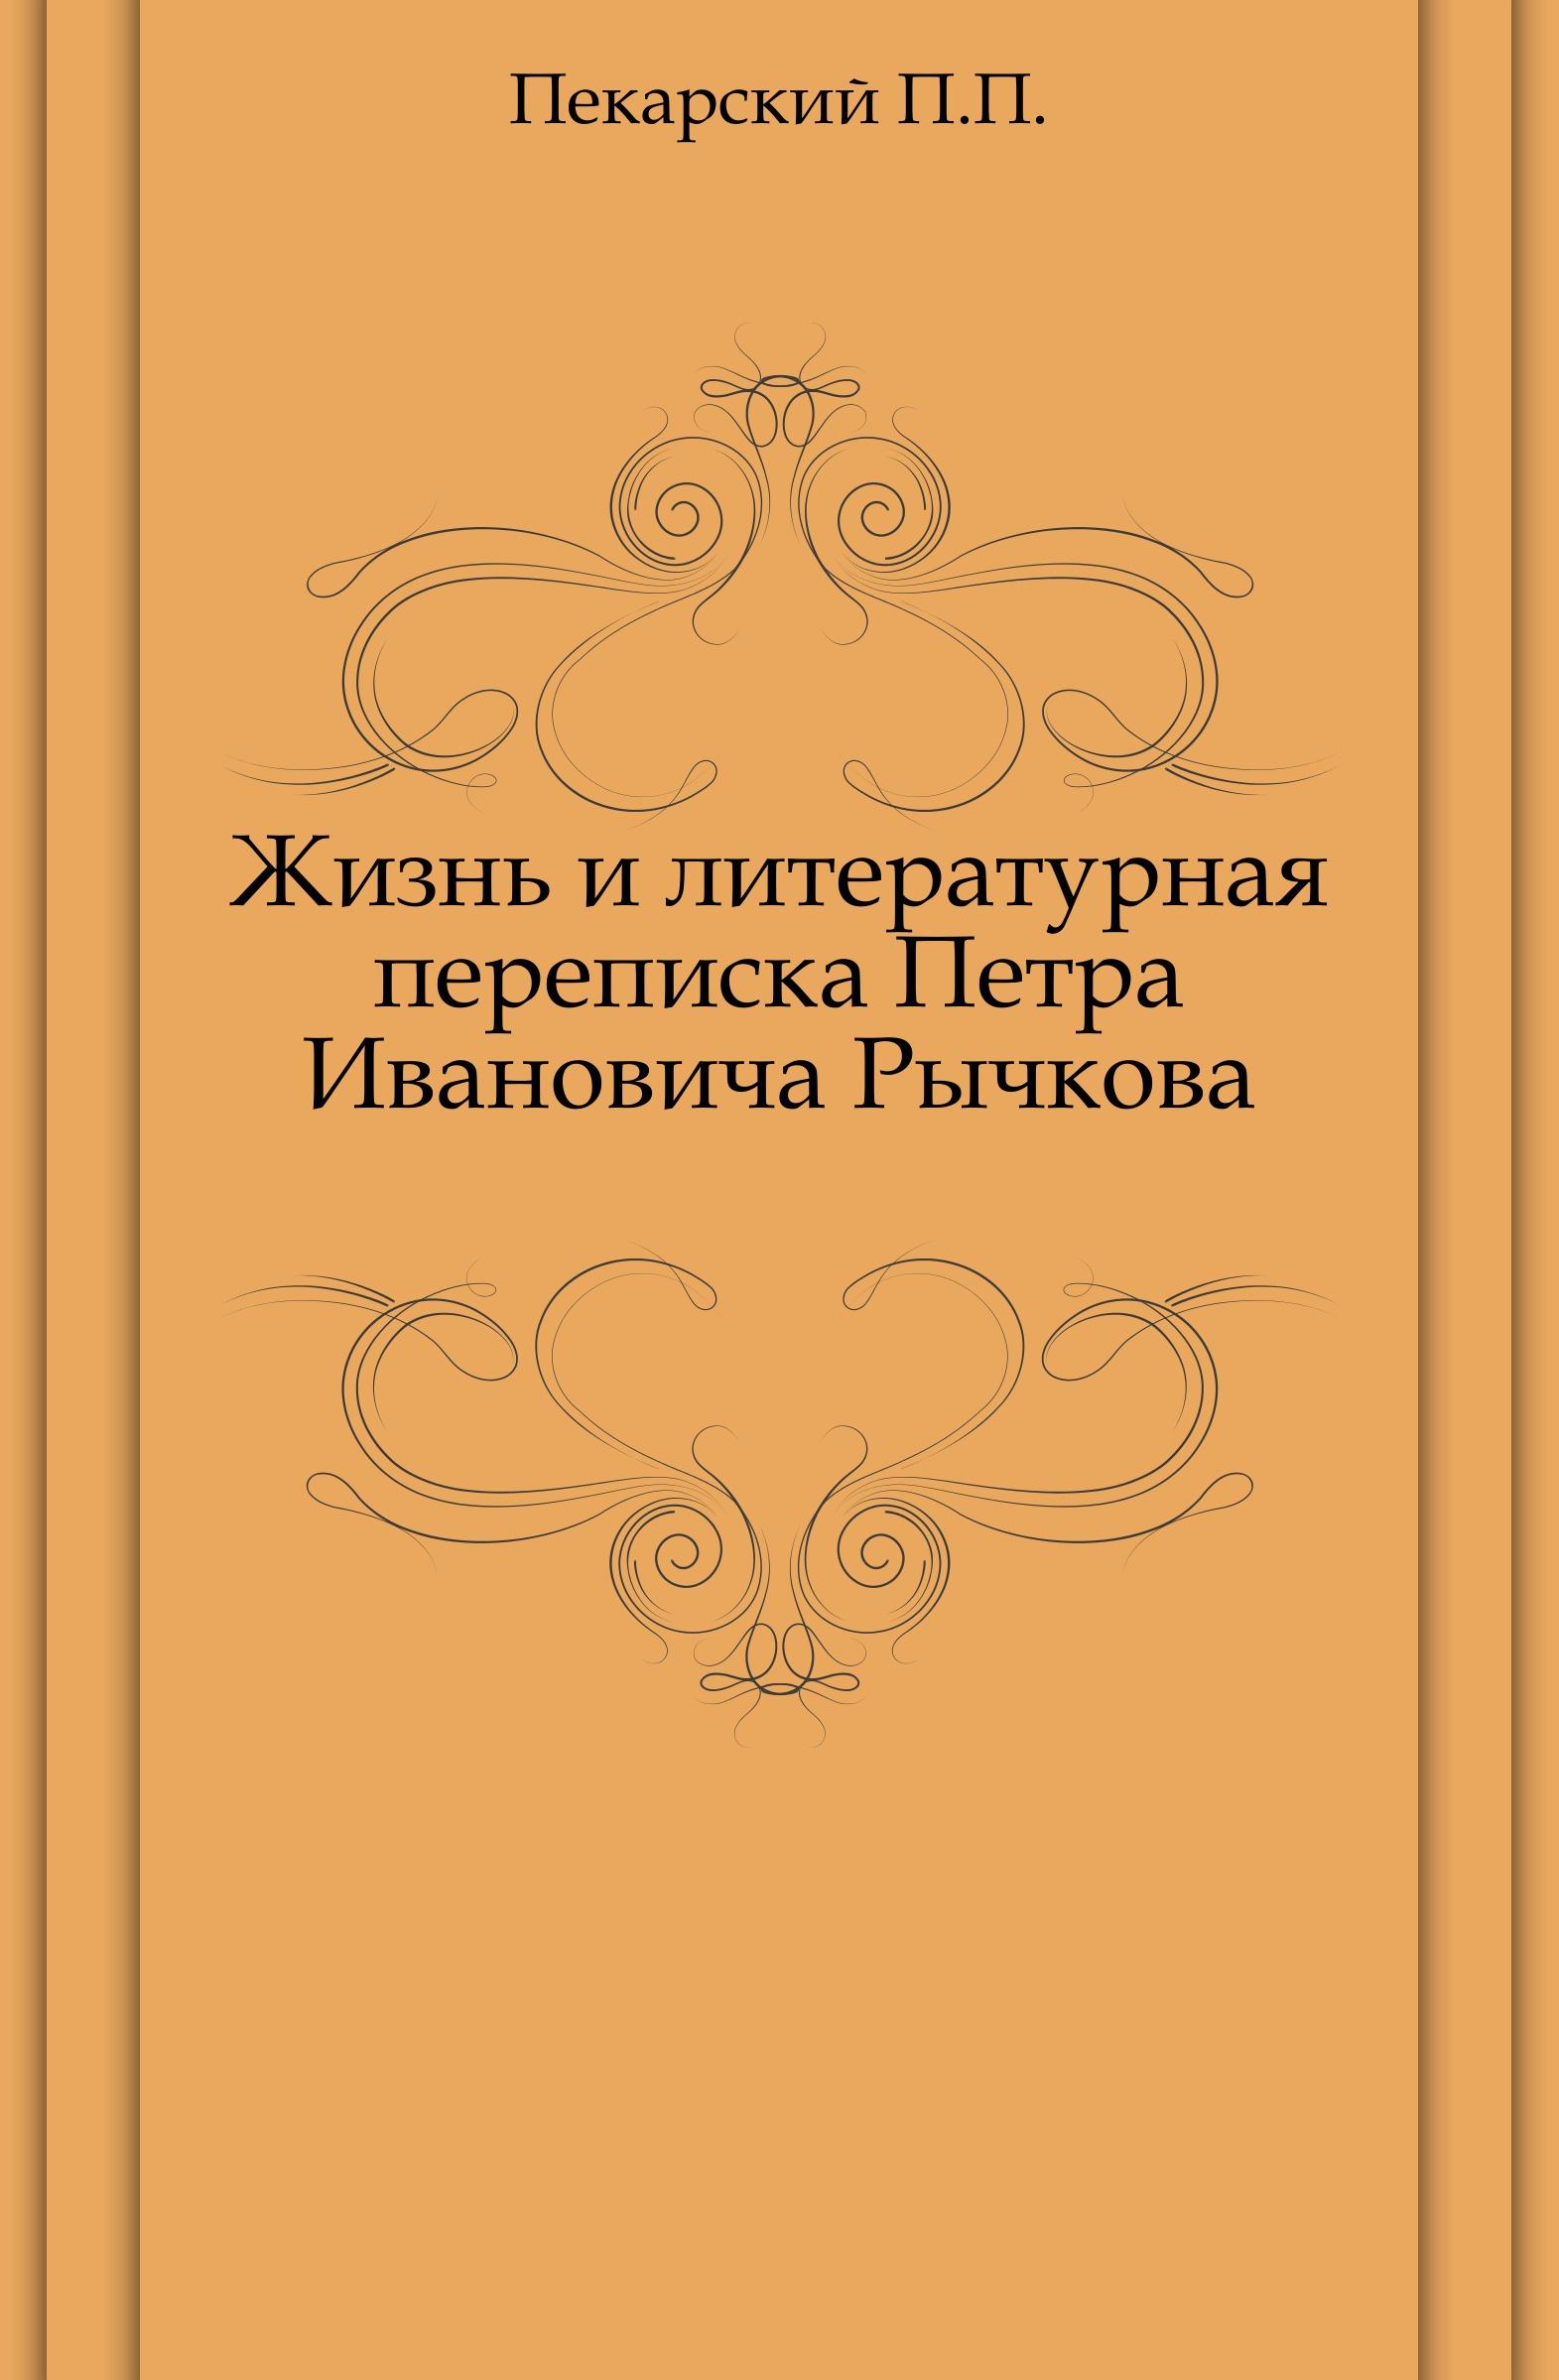 П. П. Пекарский Жизнь и литературная переписка Петра Ивановича Рычкова